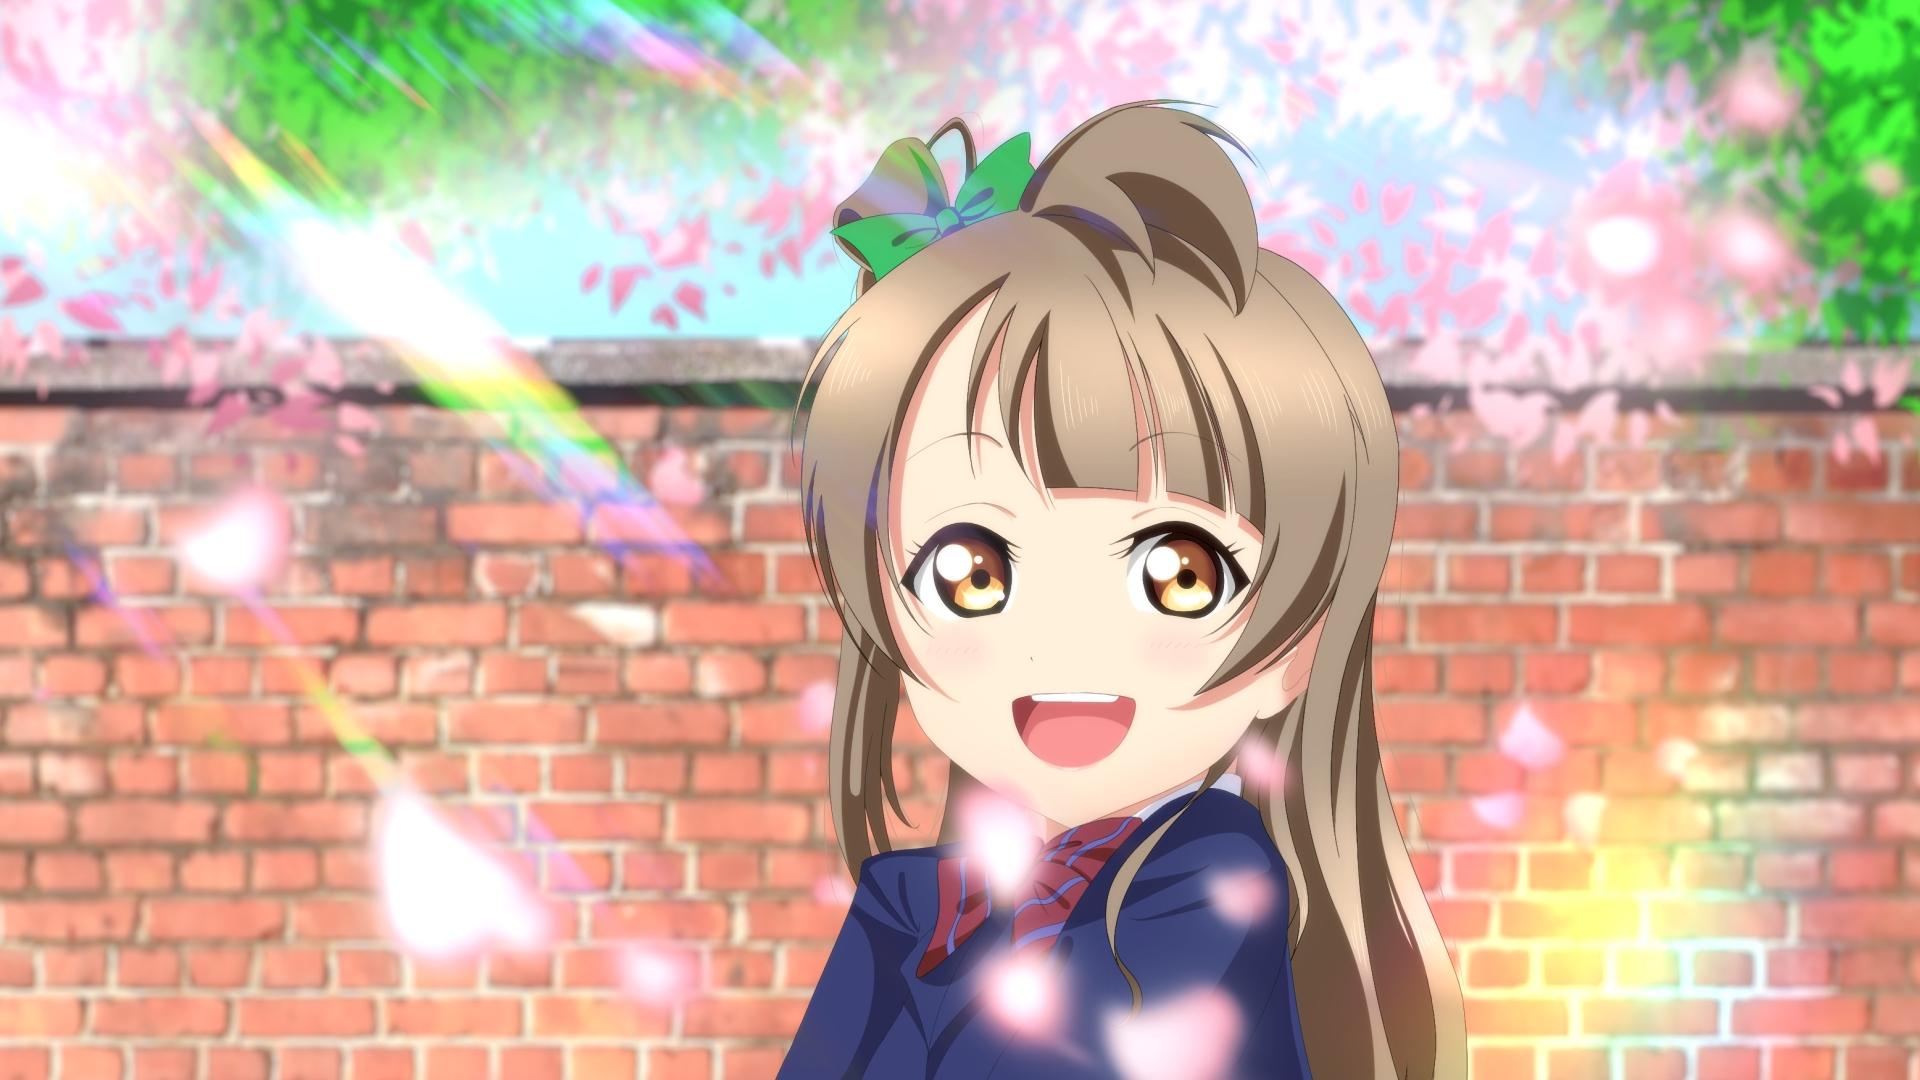 Minami Kotori Love Live Hd Wallpaper 2089293 Zerochan Anime